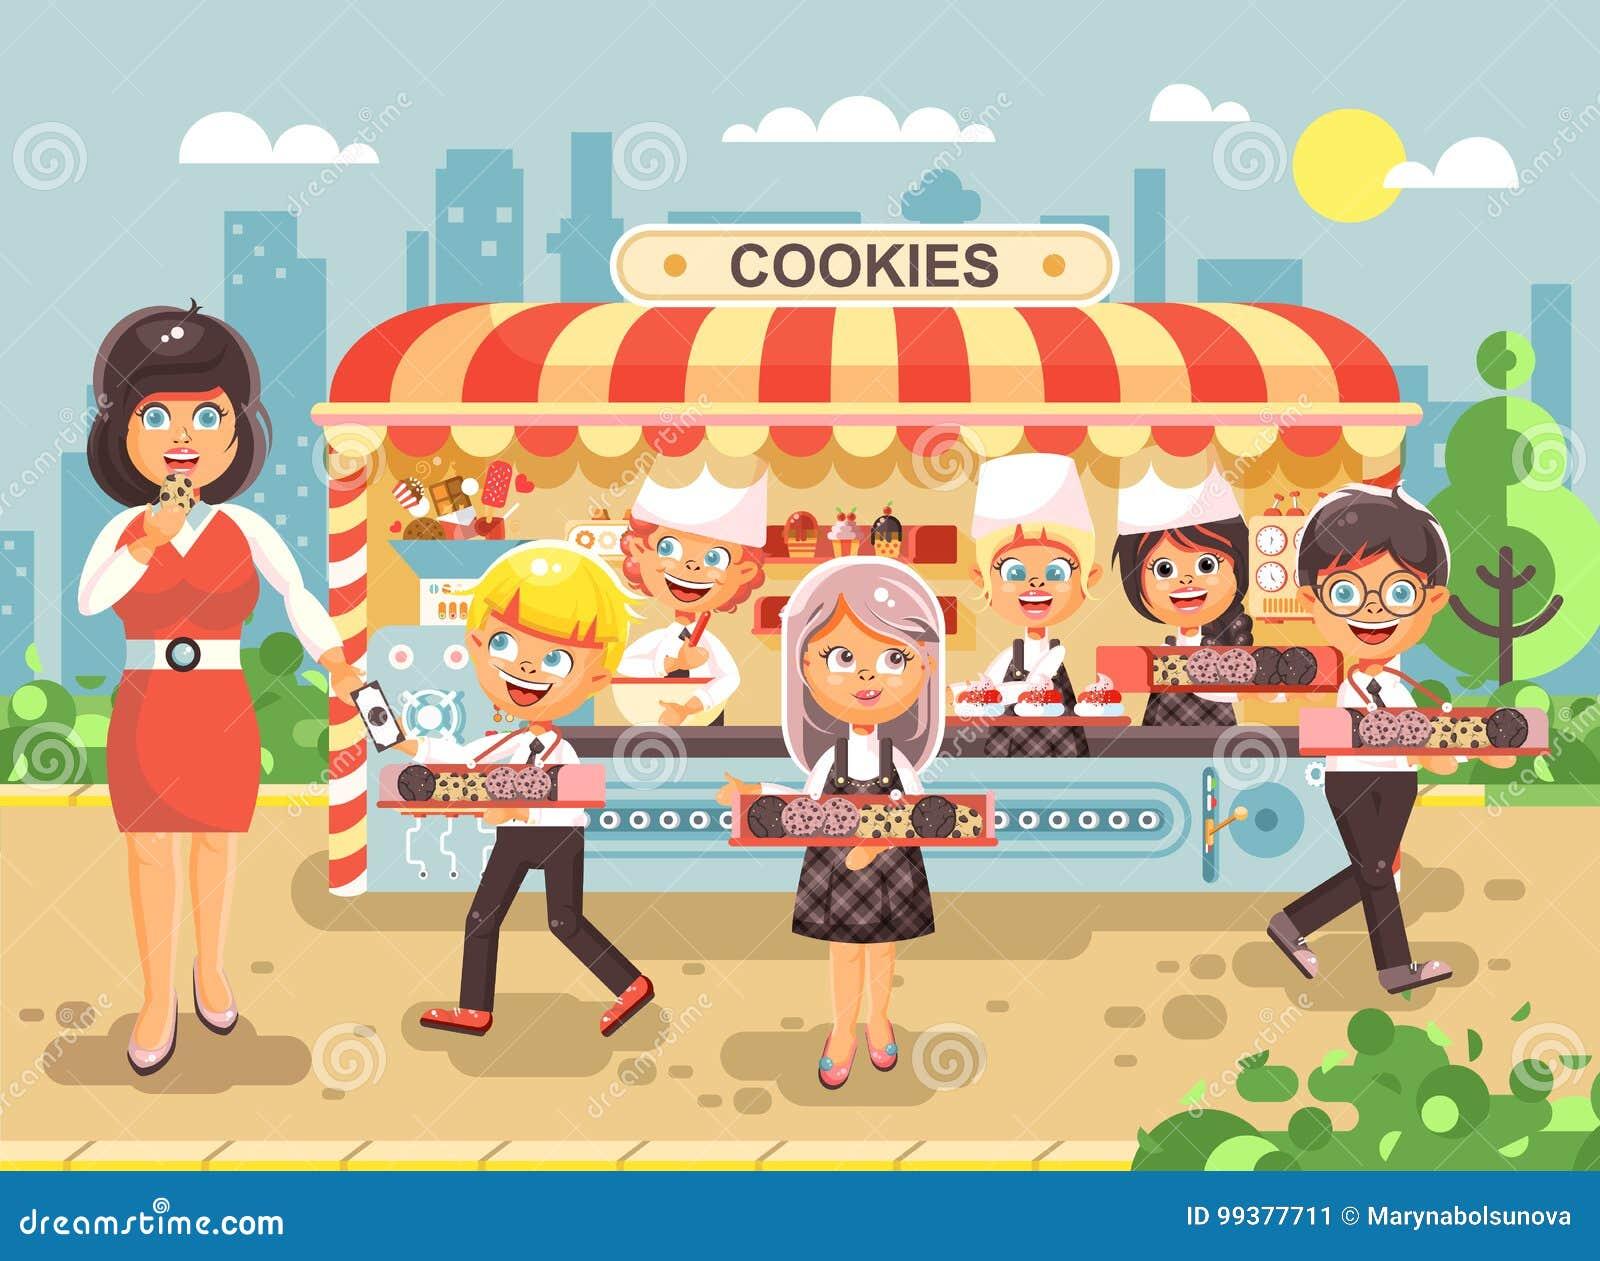 8ea747dce12 Niños, alumnos, colegiales y colegialas comunes de los personajes de  dibujos animados del ejemplo del vector poca fabricación de la venta del  negocio de ...